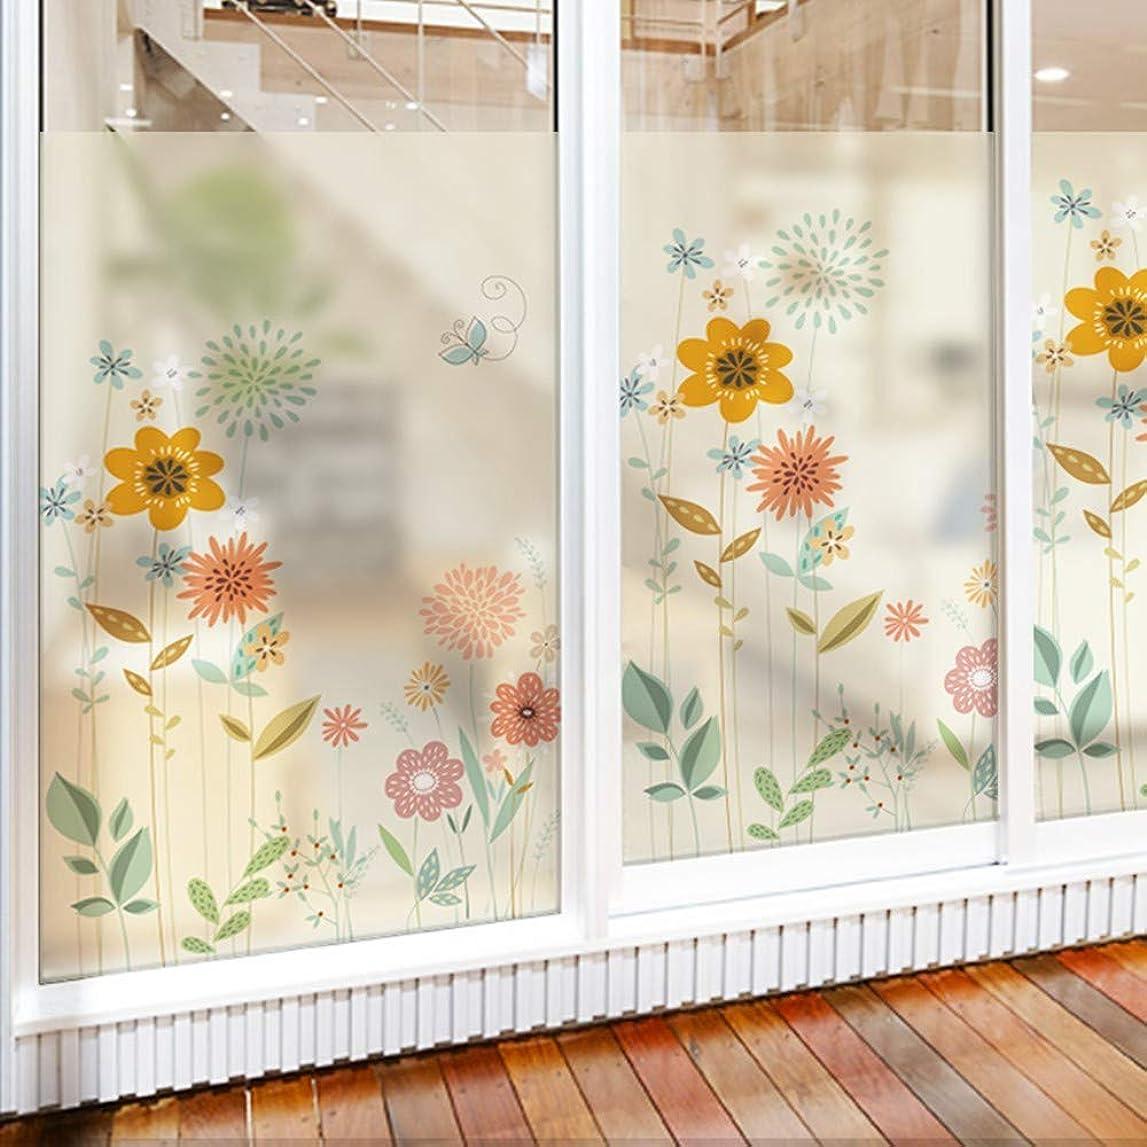 木材古風な失業窓のステッカー静かな時間寝室つや消し窓ステッカーバスルーム窓ガラスステッカープライバシー保護透明不透明ガラスフィルム